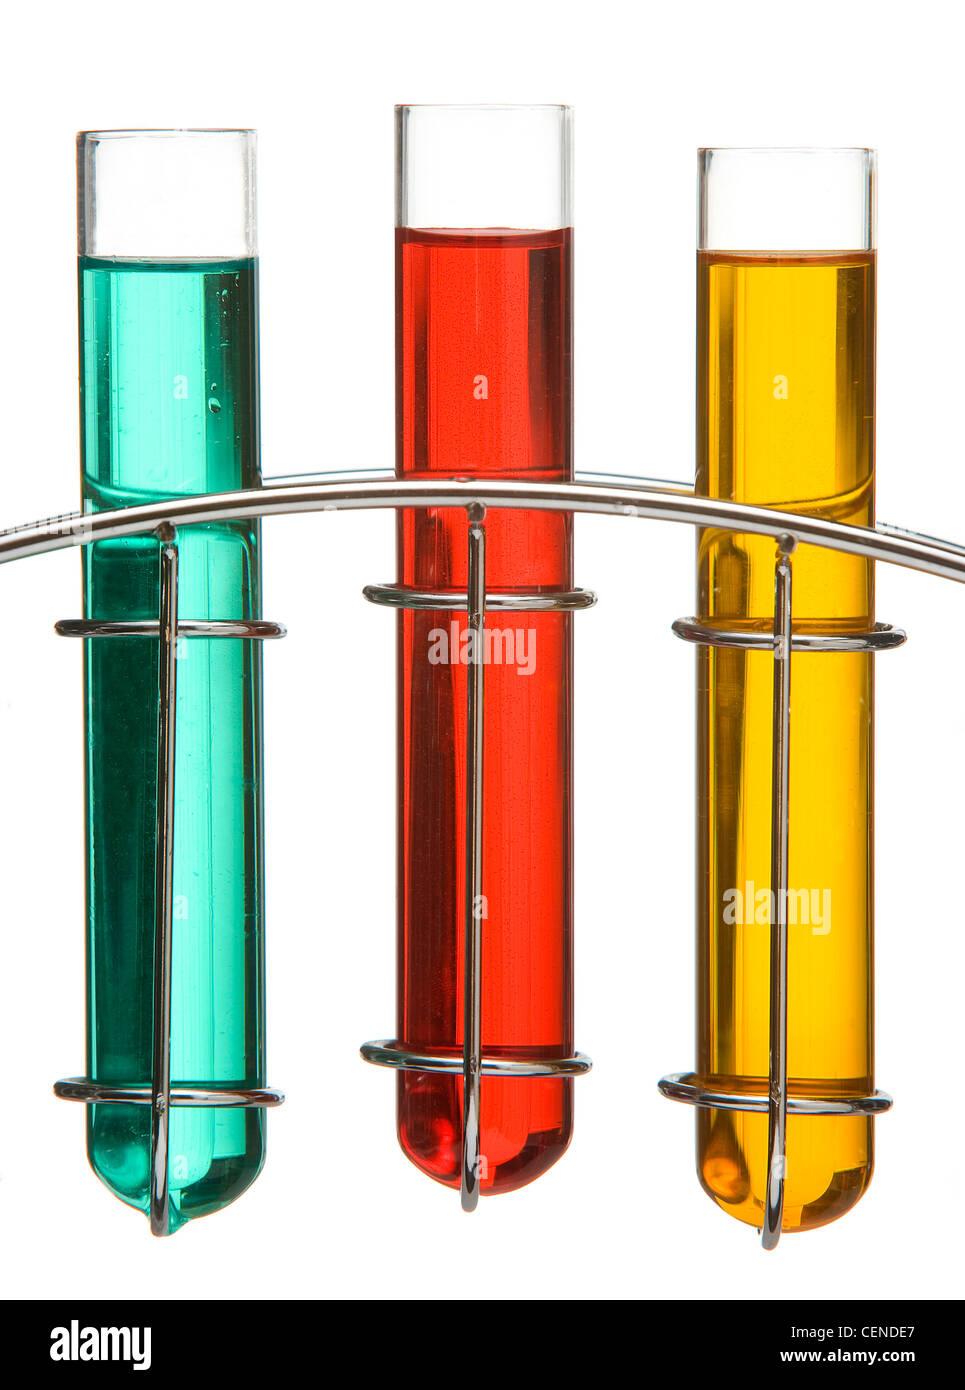 Le bleu, rouge et jaune liquide dans des tubes à essai en verre dans un stand chrome Photo Stock